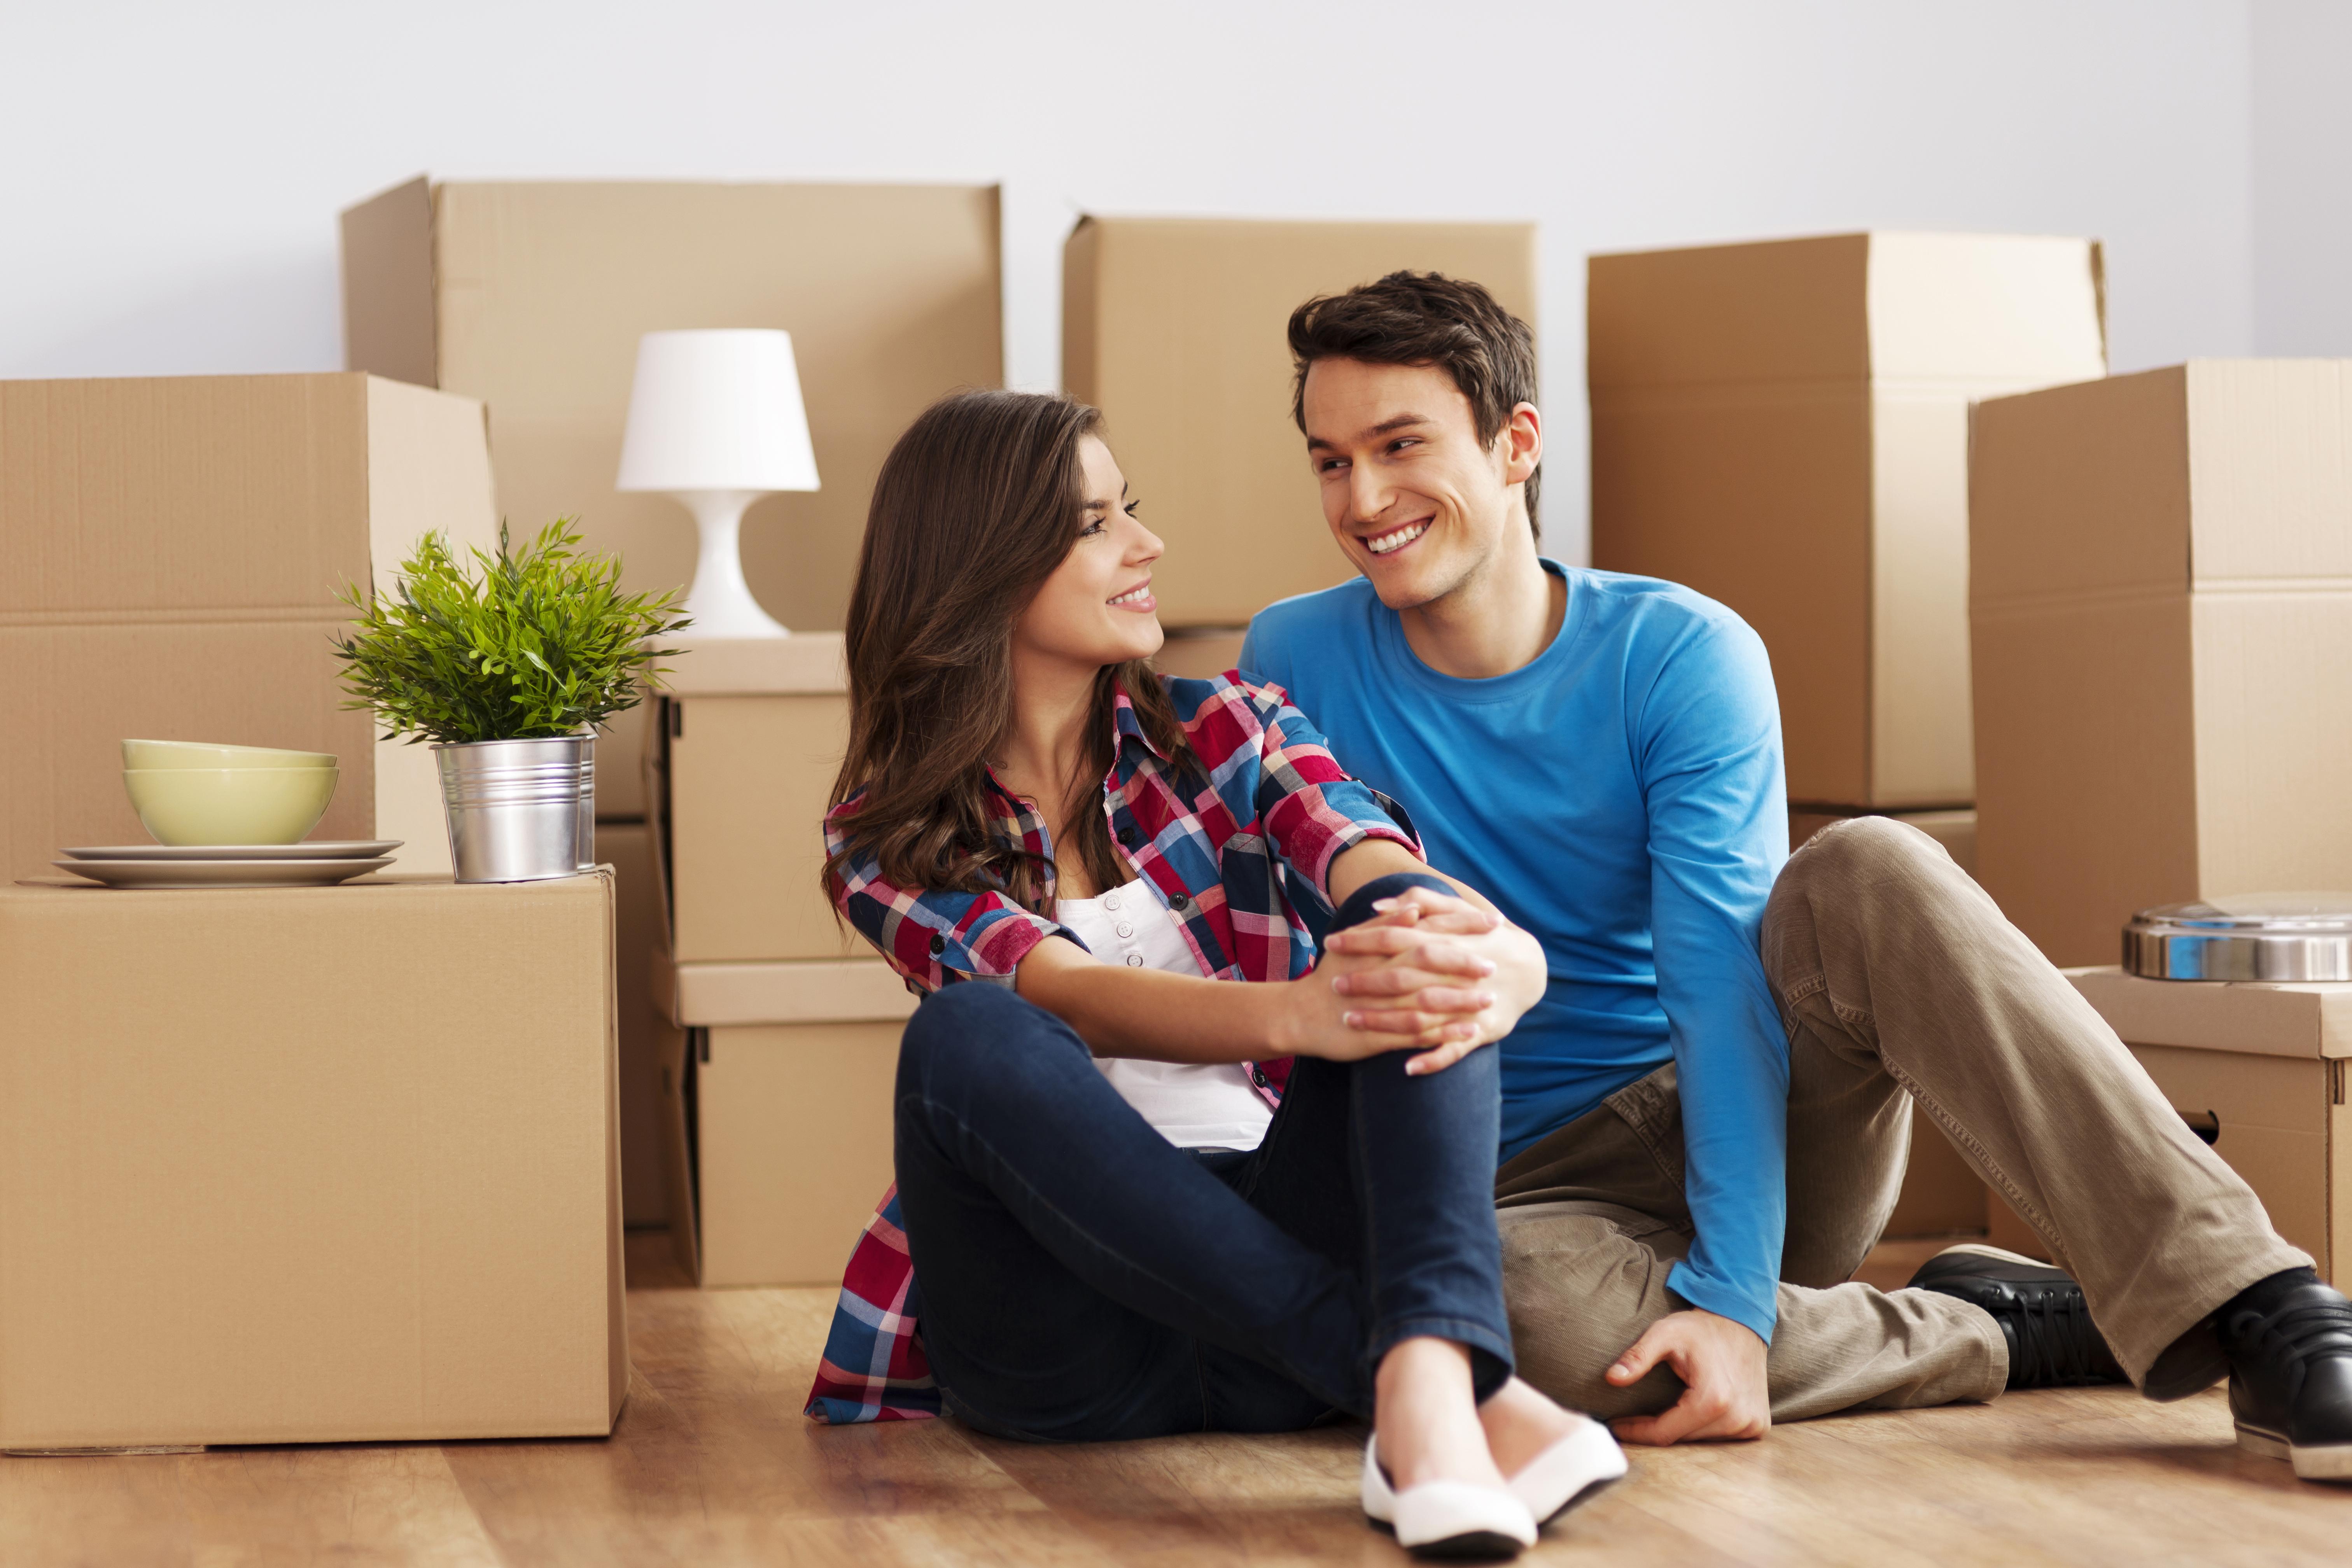 לשפץ את הדירה שלכם (צ' - ShutterStock)